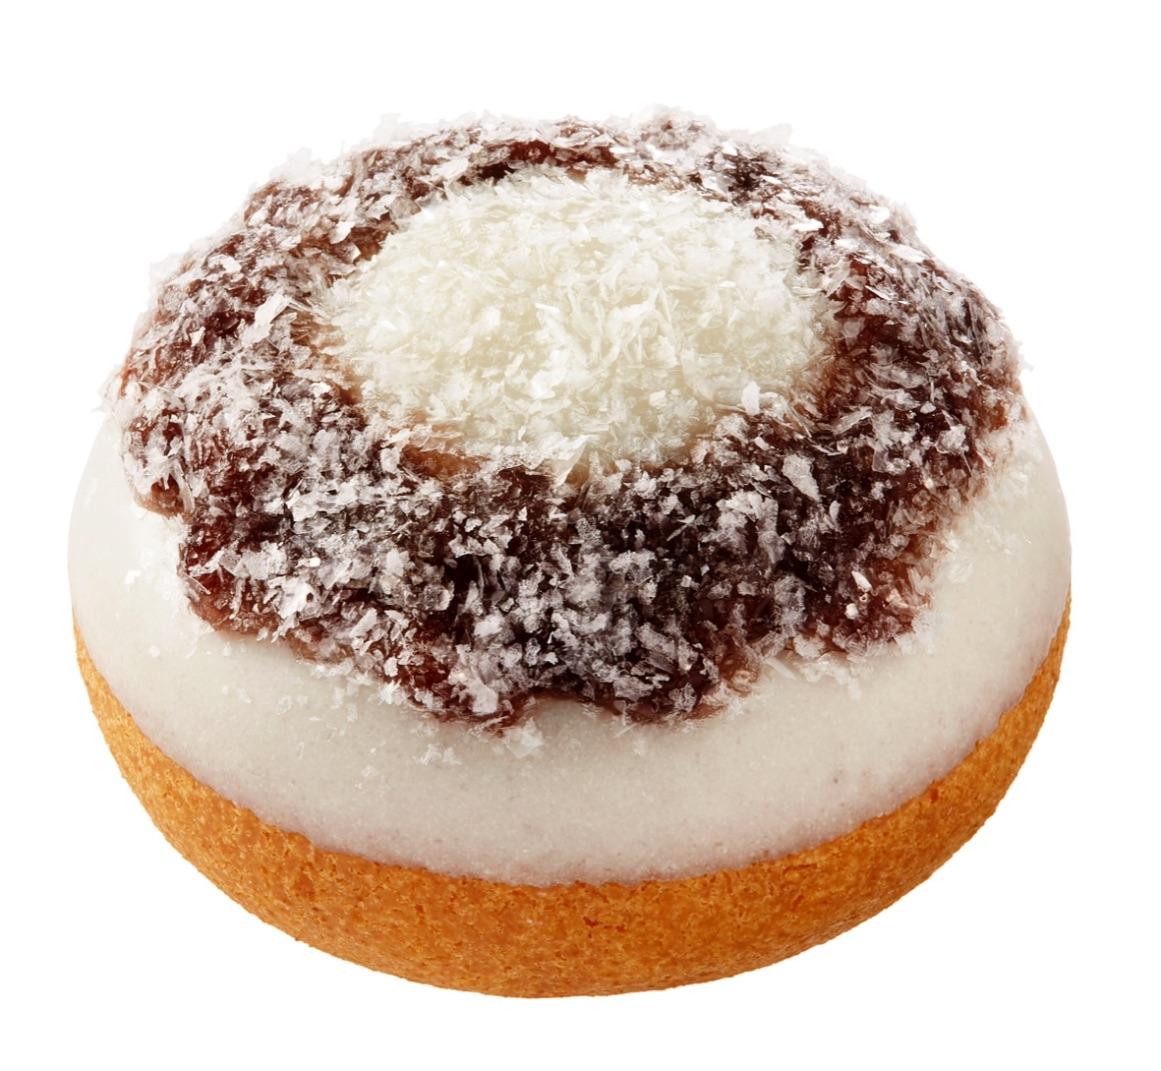 %e3%83%9f%e3%82%b9%e3%82%bf%e3%83%bc%e3%83%89%e3%83%bc%e3%83%8a%e3%83%84-%e3%82%82%e3%81%a1%e3%82%af%e3%83%aa%e3%83%bc%e3%83%a0-mister-donut-mochi-cream-%e7%94%9c%e7%94%9c%e5%9c%886-2